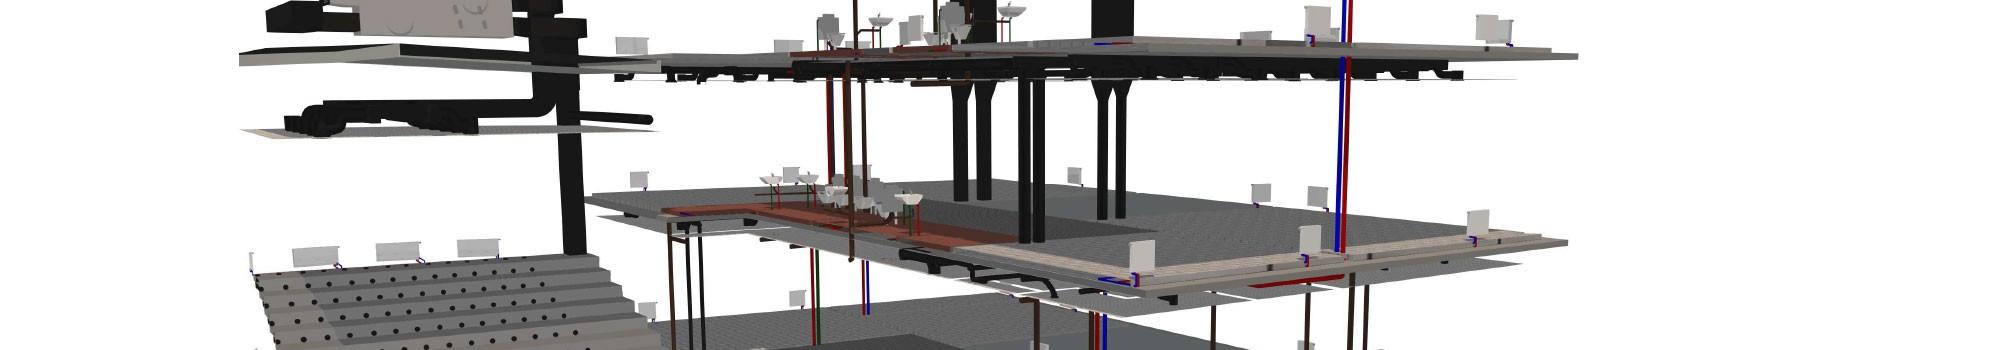 Olsztyn instalacje sanitarne 3D